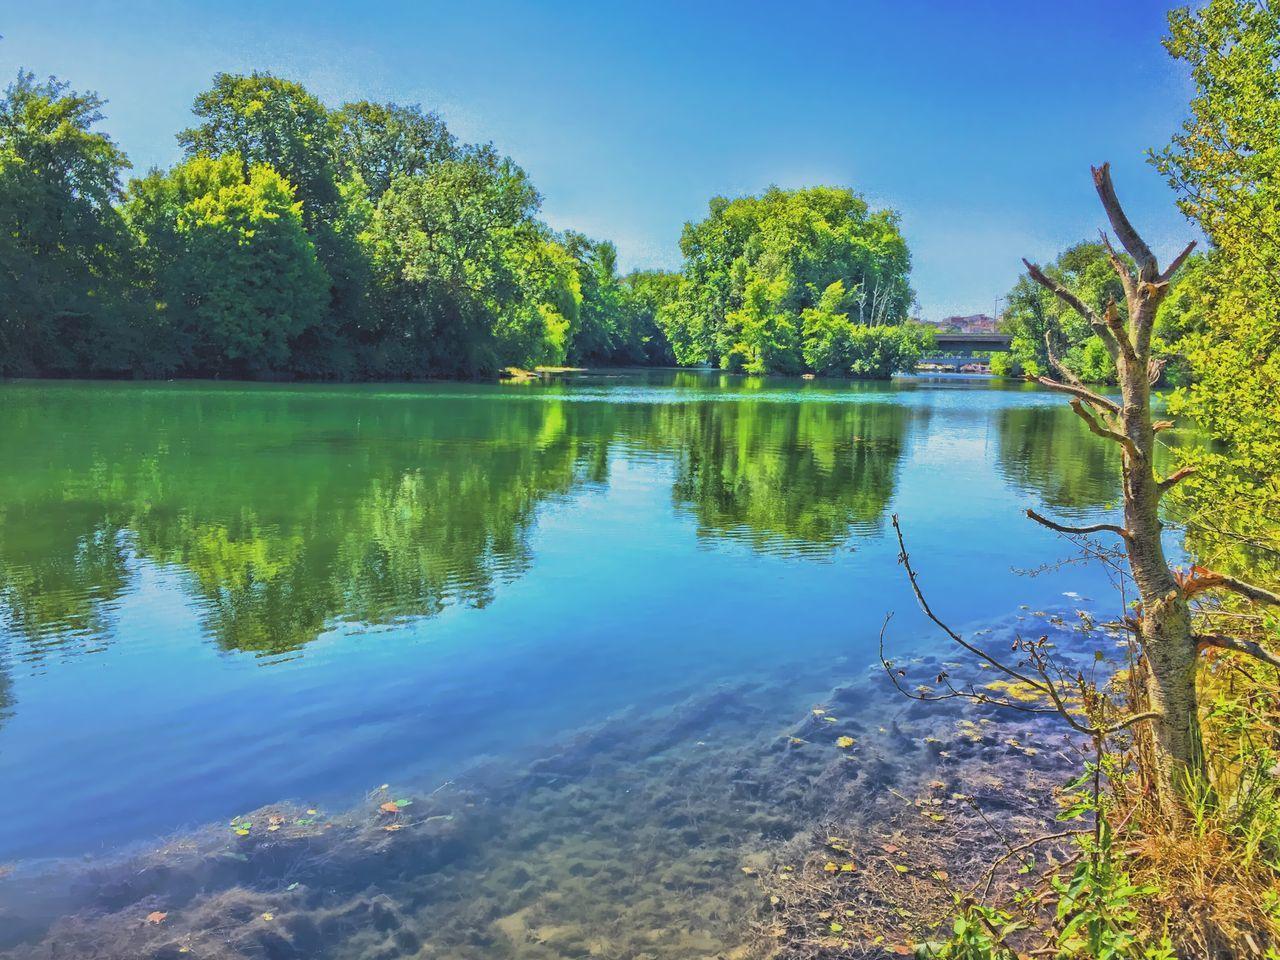 Au bord de la Charente 🚶🏻🚣🏻💚 Au Bord De L'eau France Charente Randonnées Balade Sur Les Chemins Paysage Nature